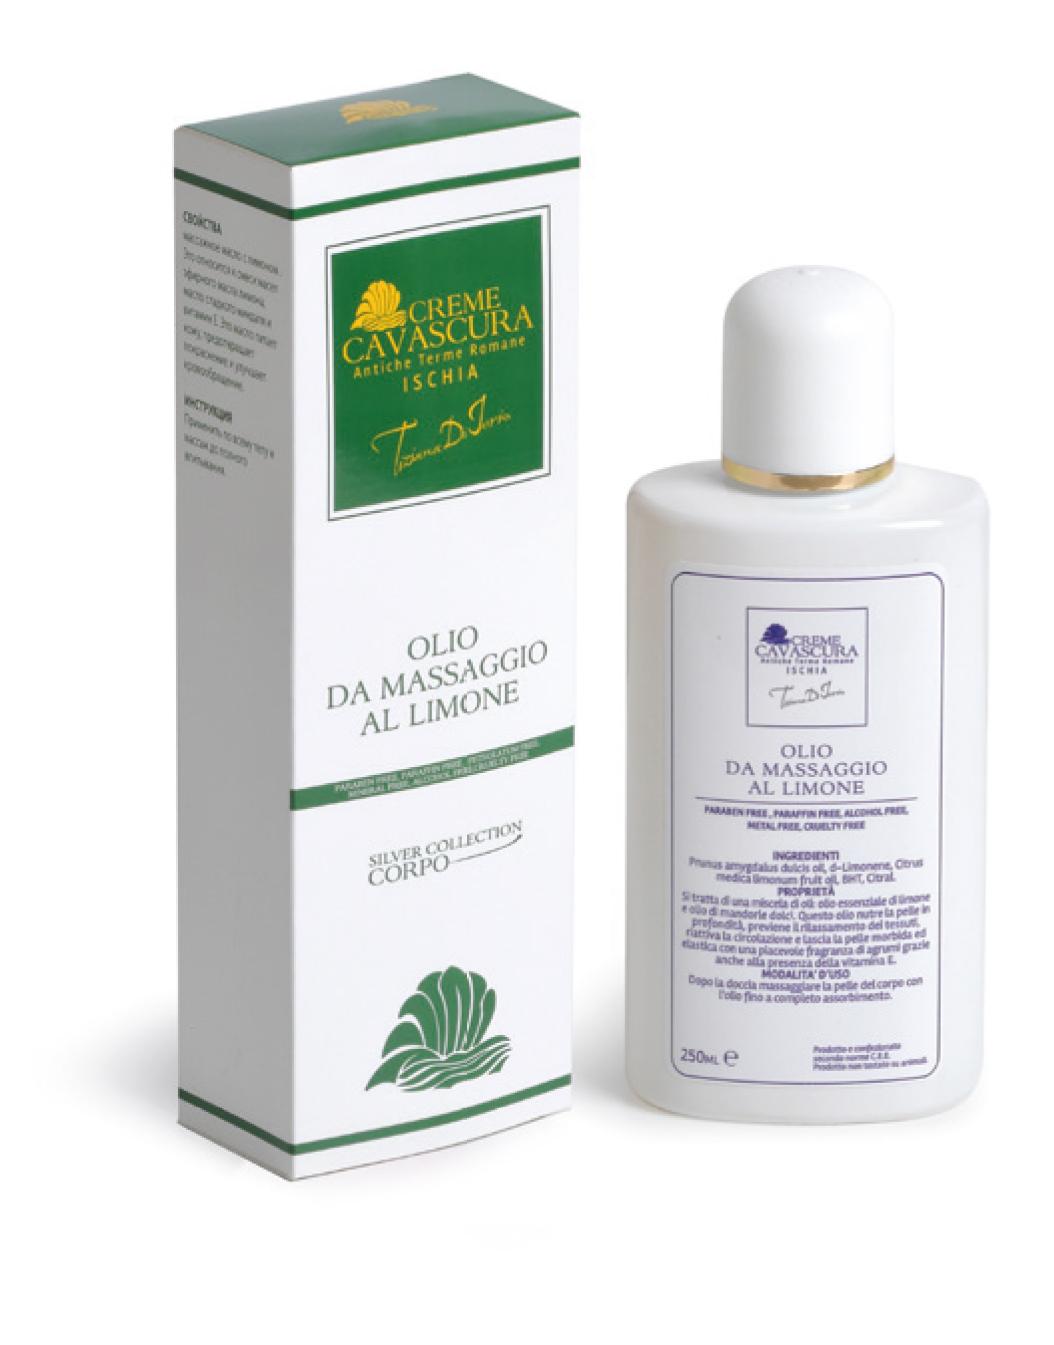 Olio da Massaggio al Limone